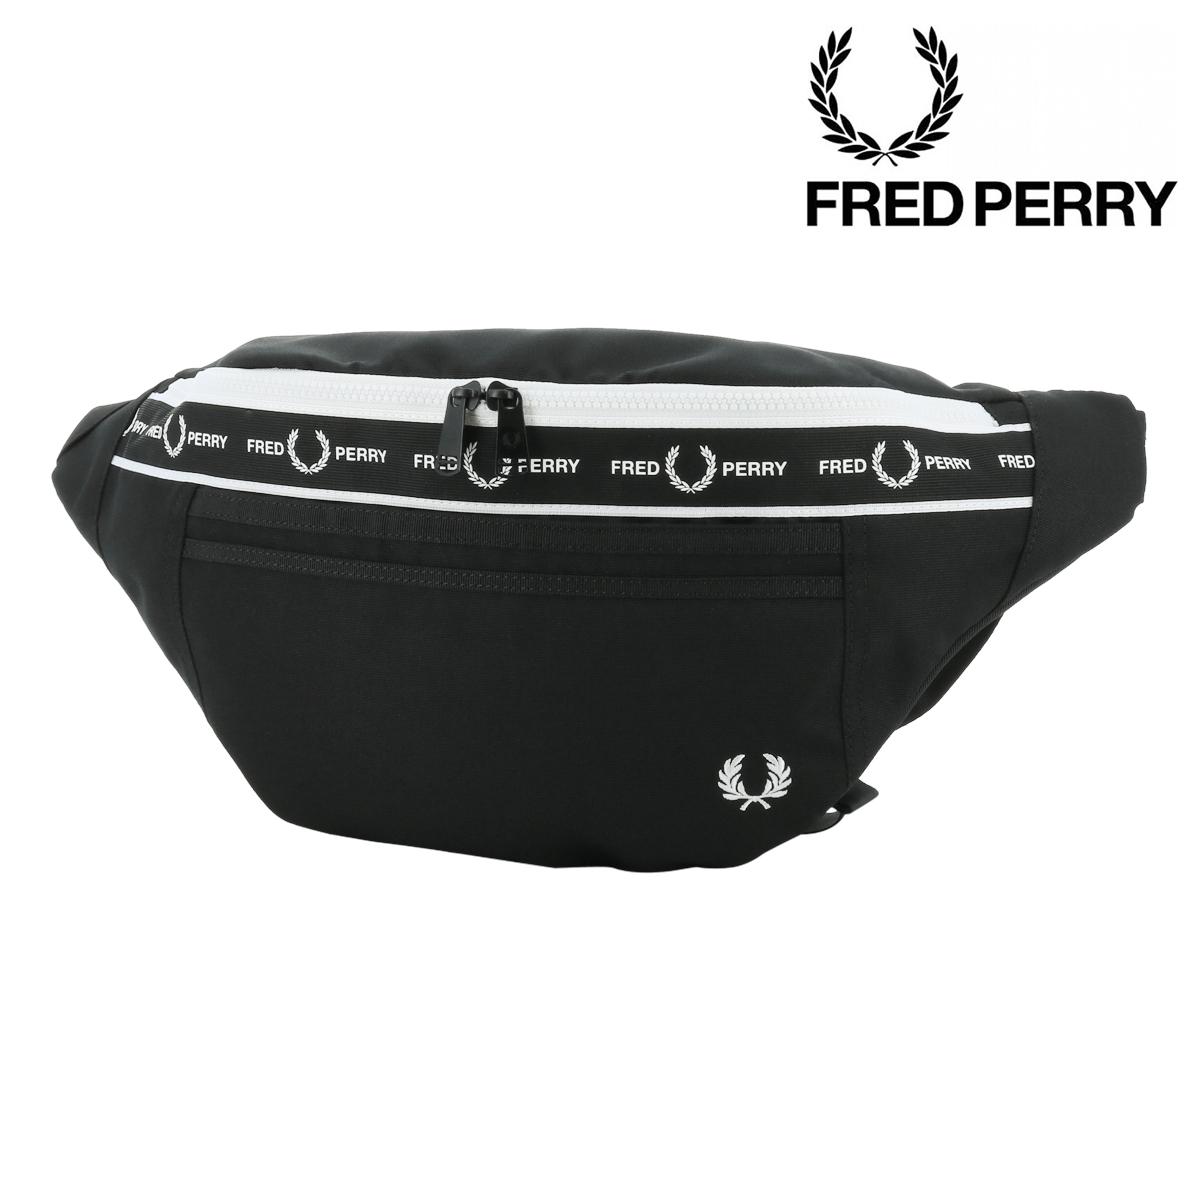 フレッドペリー ウエストポーチ モノクロームクロスボディバッグ メンズ L7228 FRED PERRY | ウエストバッグ[PO10][即日発送][bef]